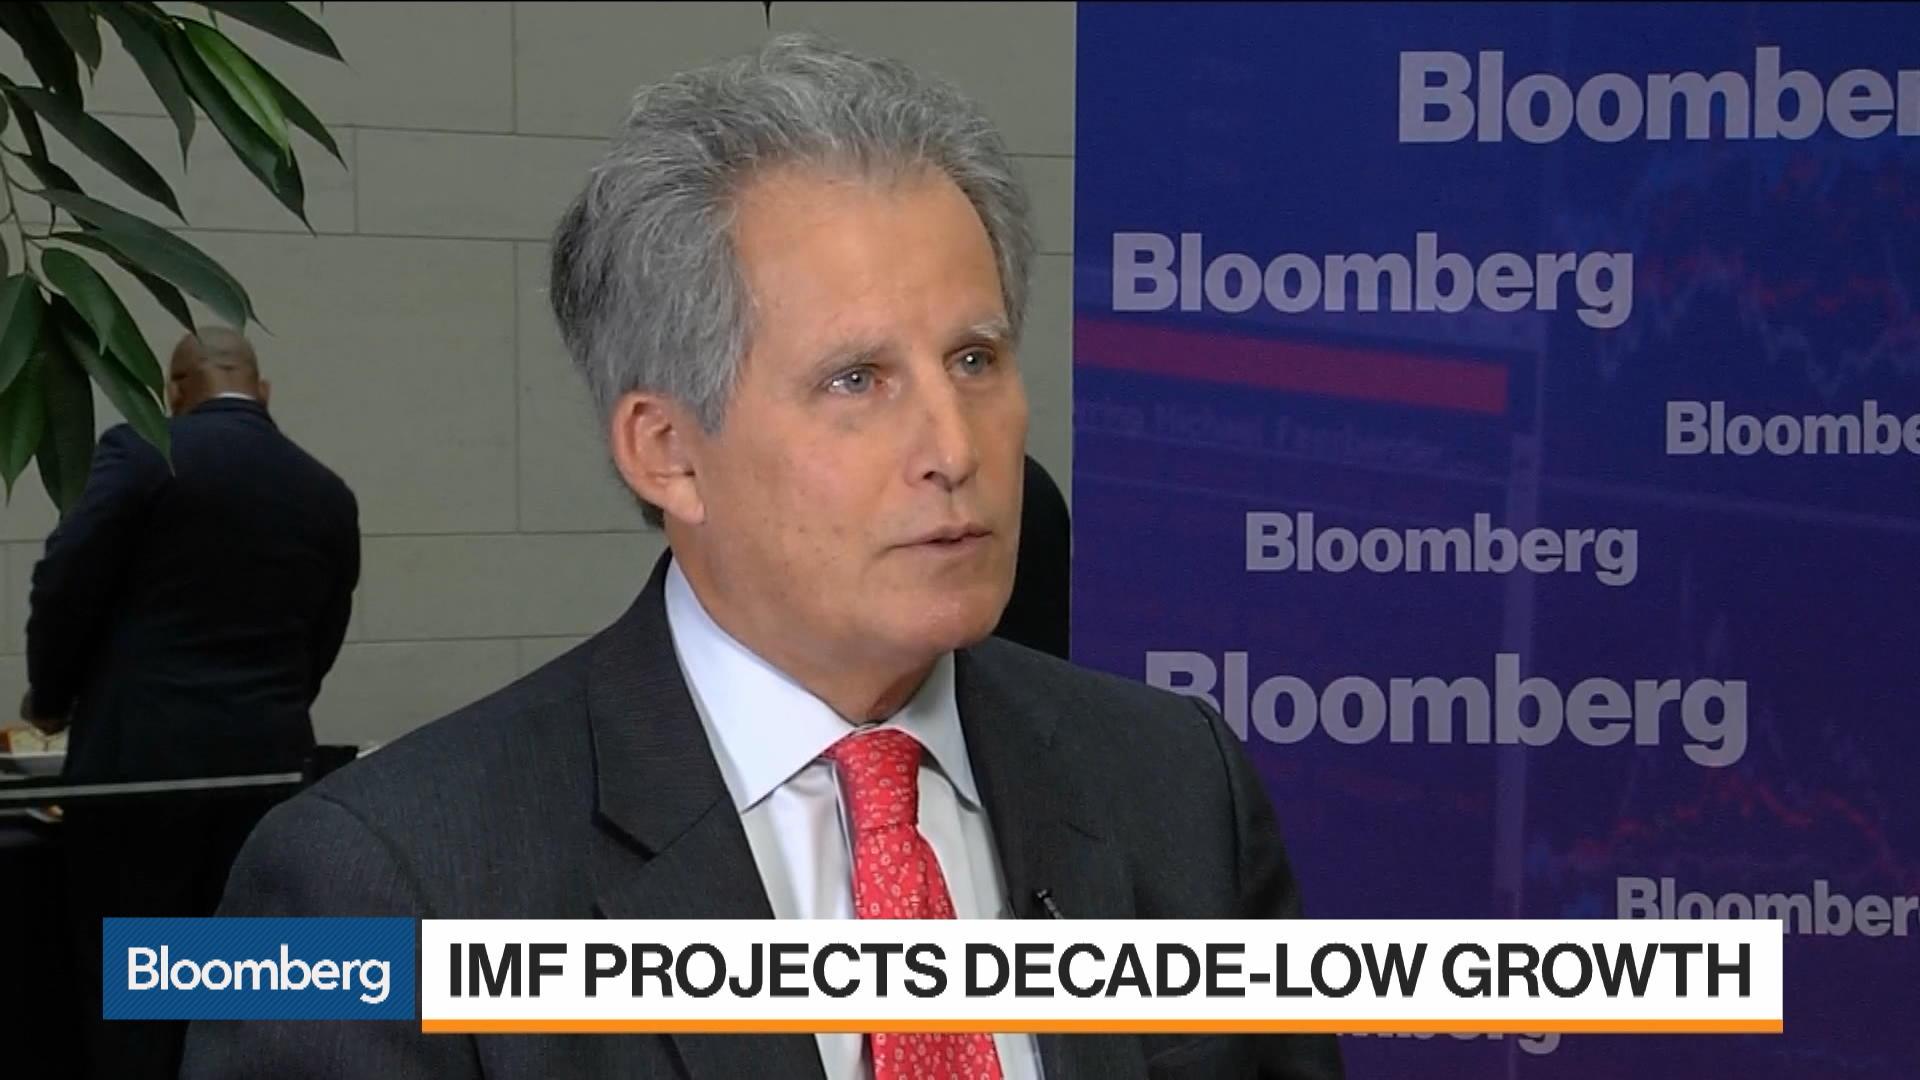 Global Economy in Synchrozied Slowdown: David Lipton